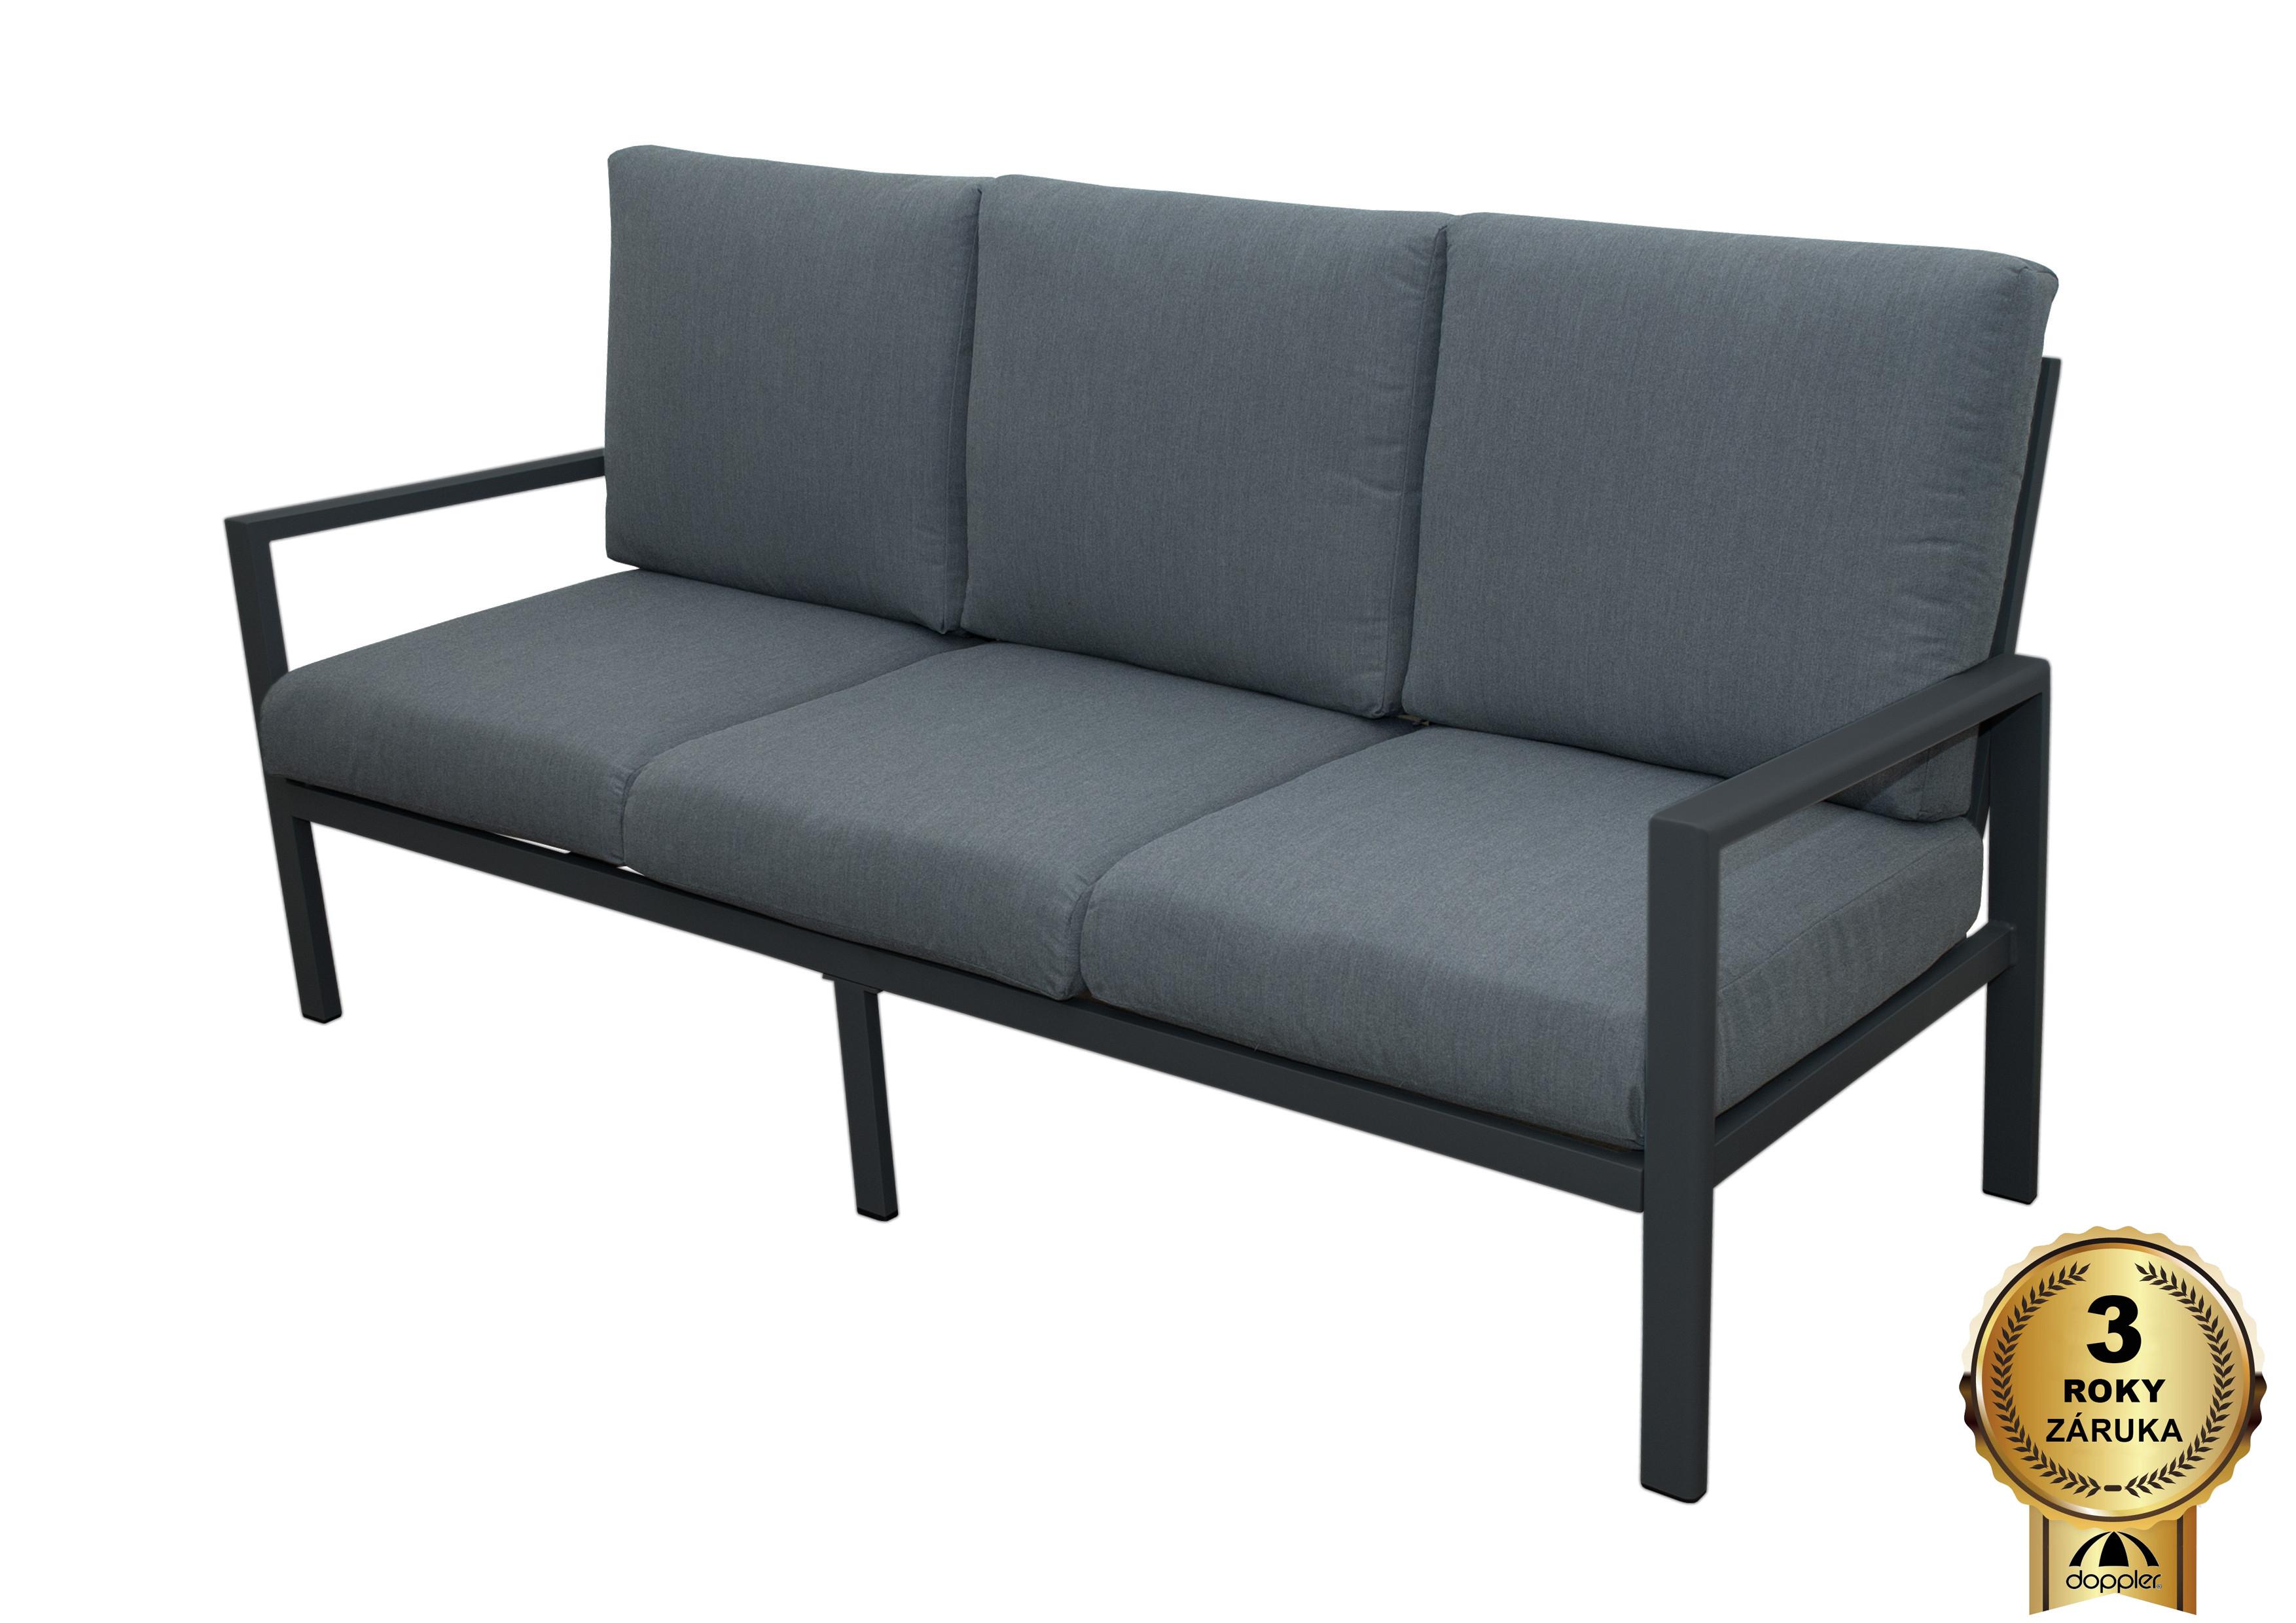 MORISS - zahradní hliníková pohovka 3 sedadlová